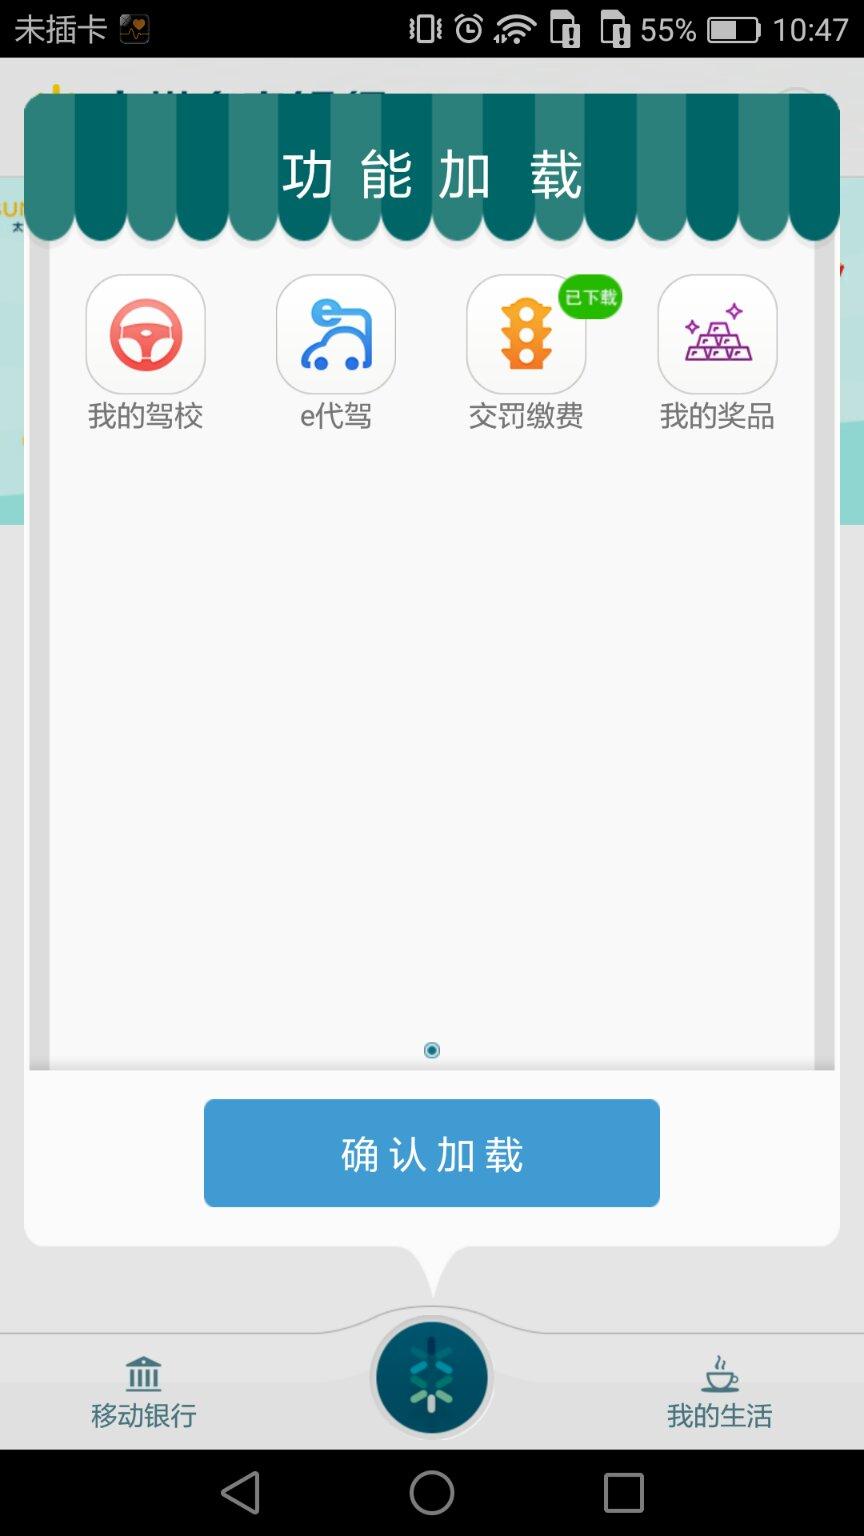 广州农商银行-应用截图